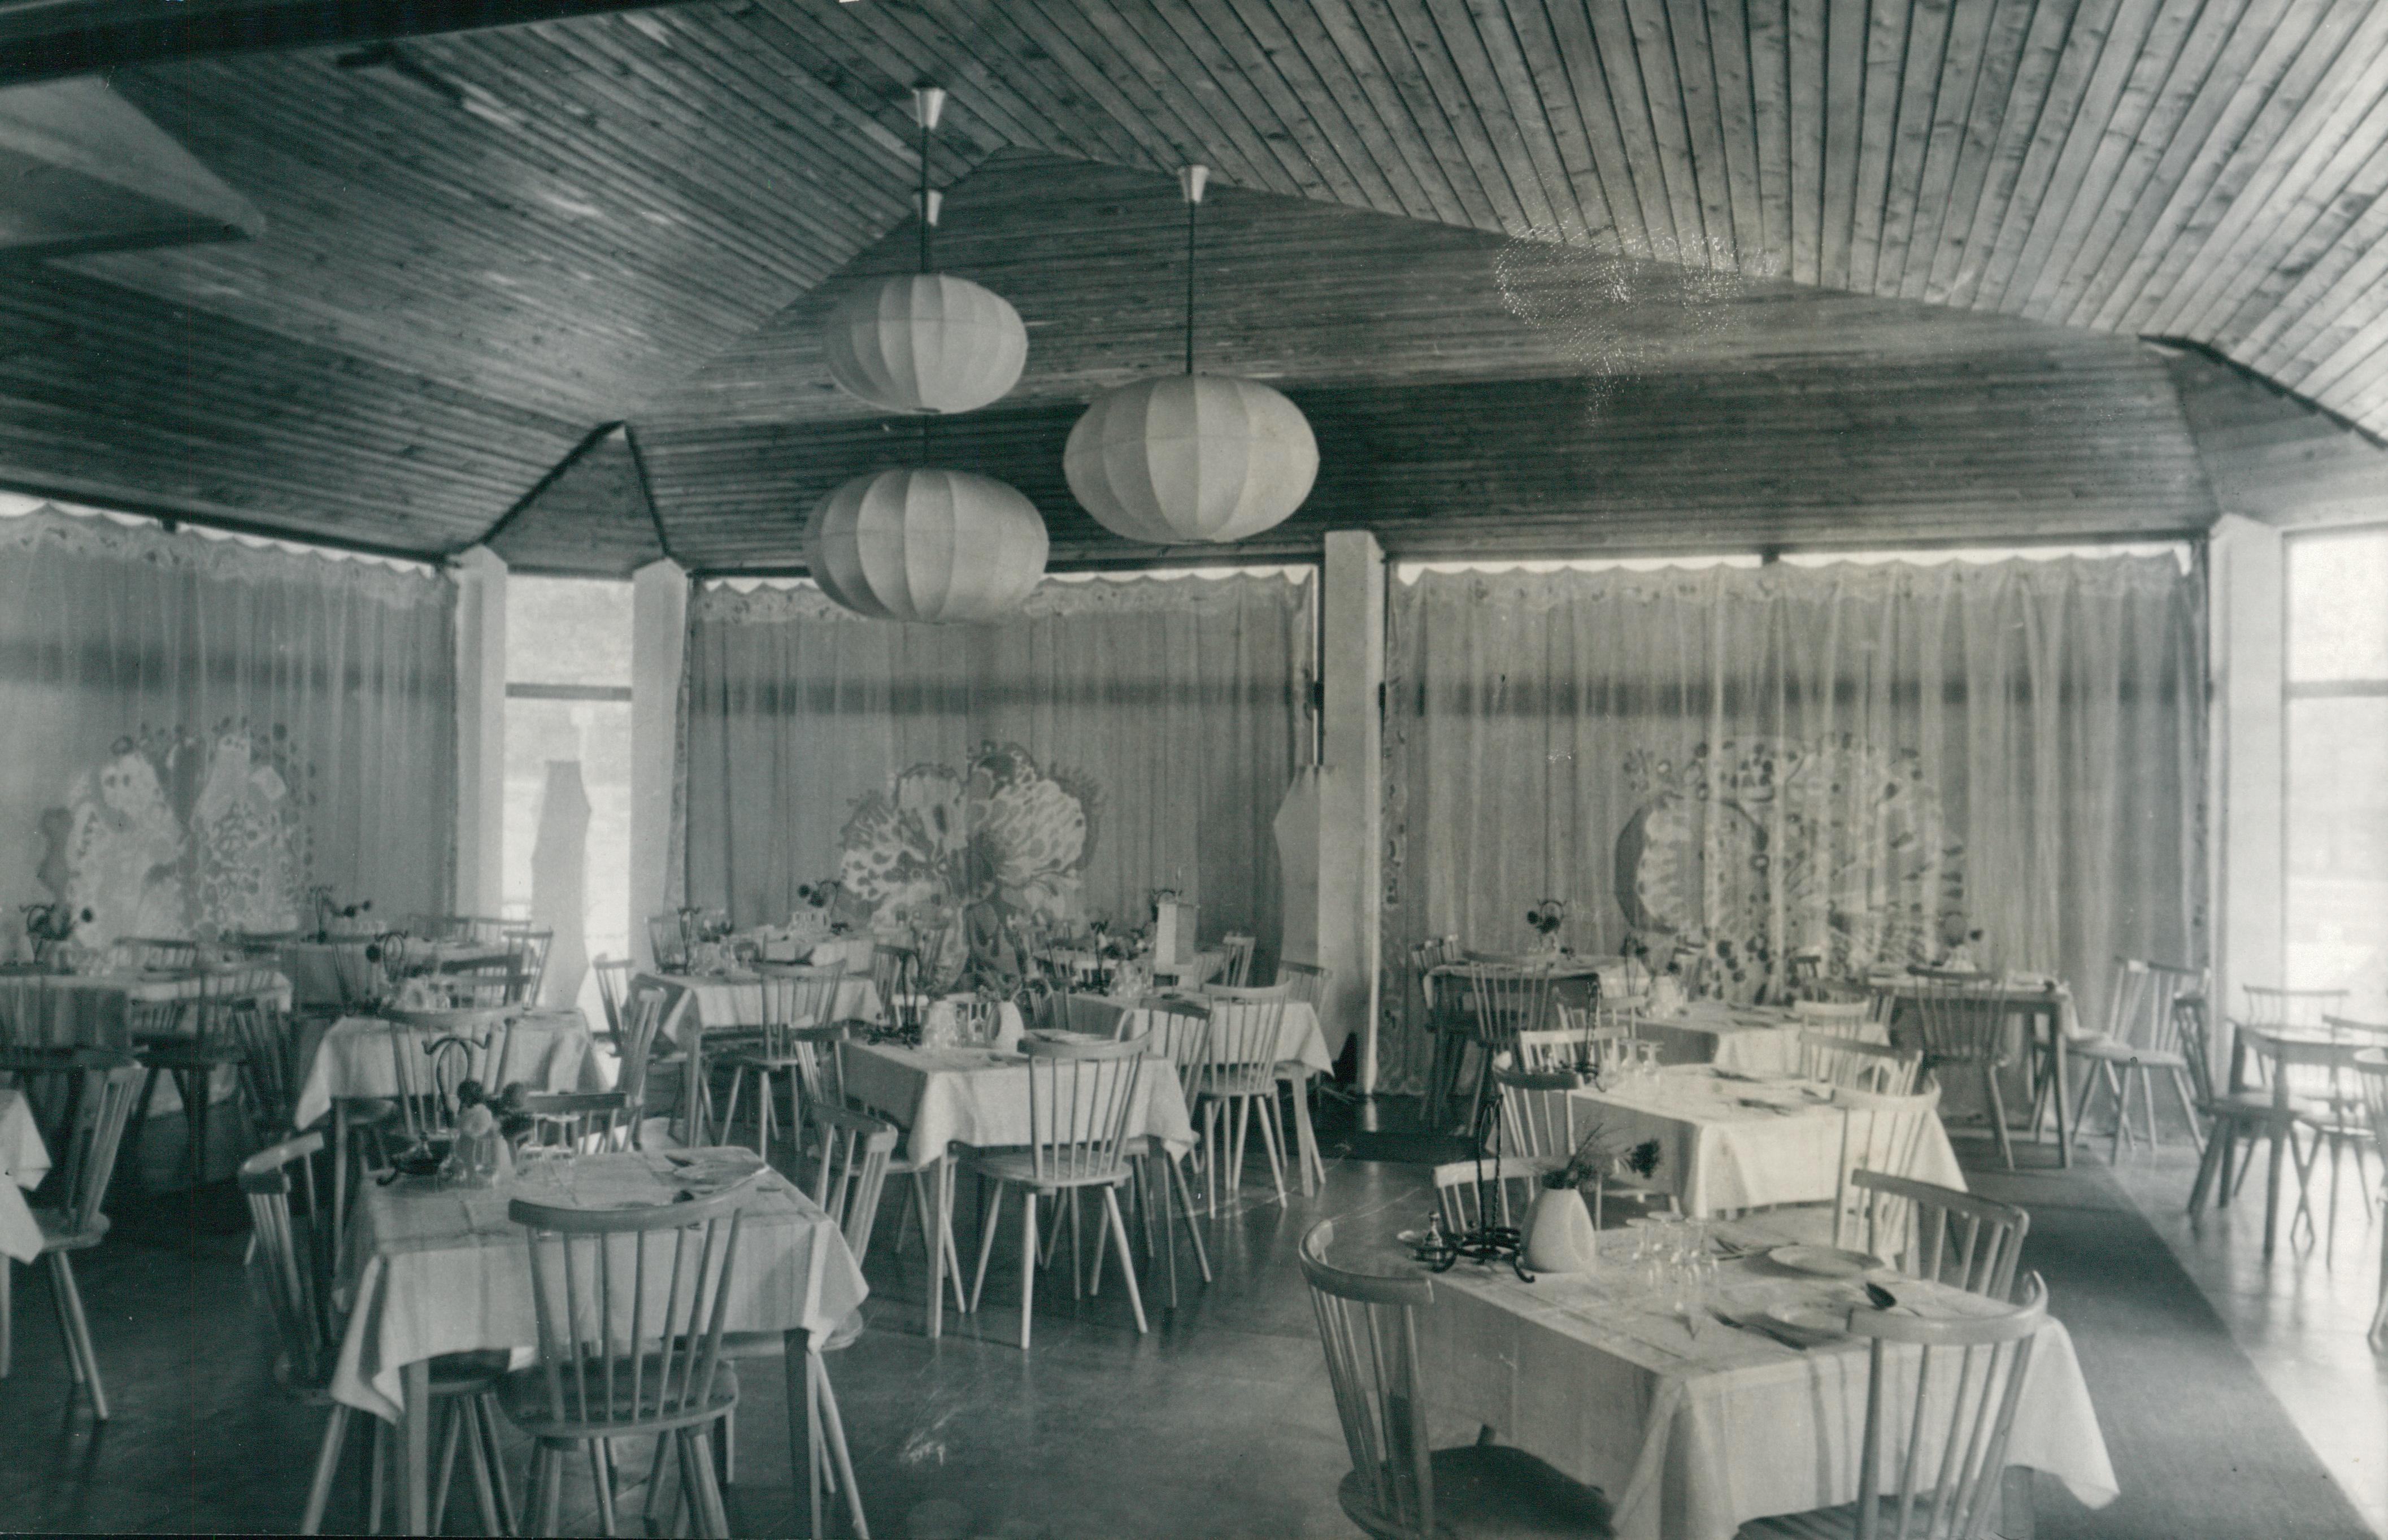 Balatonfüredi étterembelső